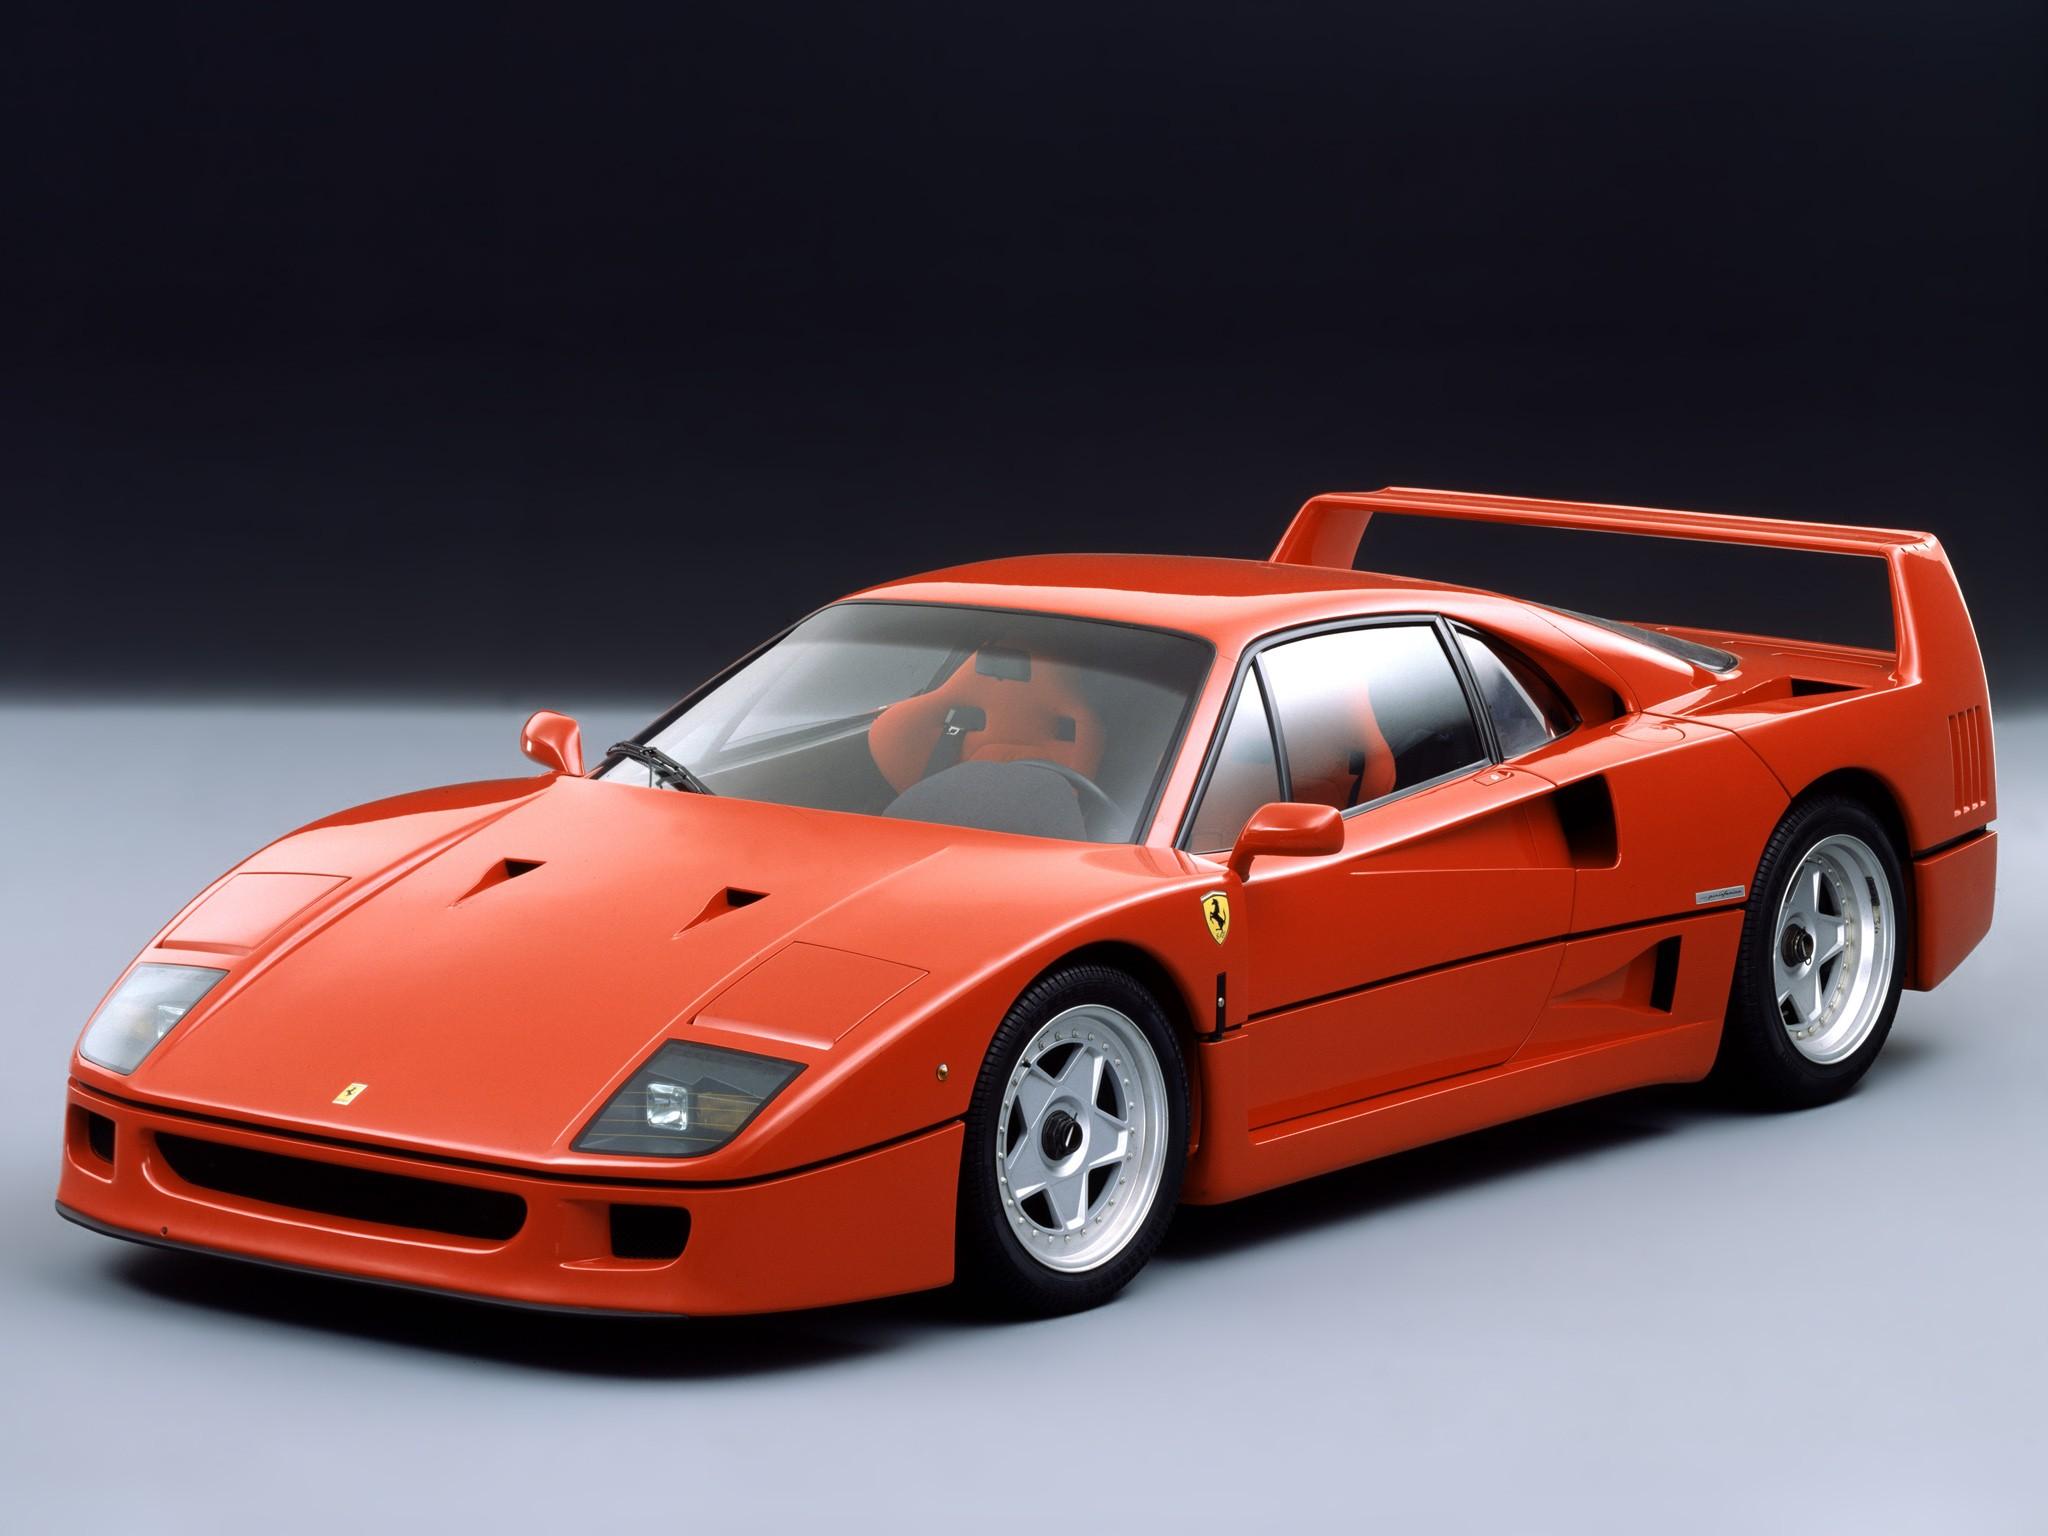 Ferrari F40 Specs Amp Photos 1987 1988 1989 1990 1991